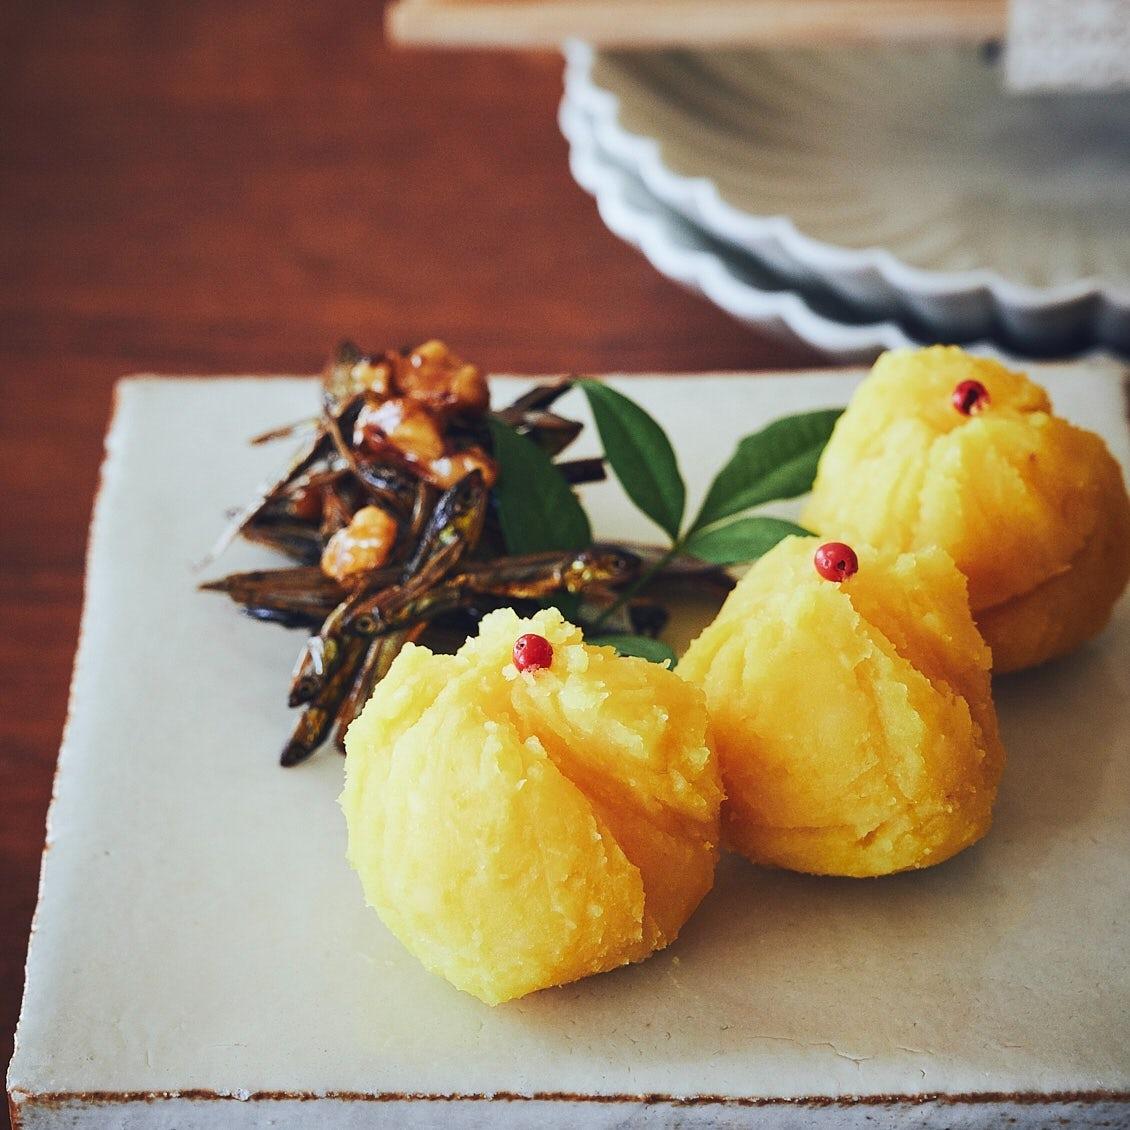 【おせちは大晦日から】第1話:りんごジュースで失敗しらず! 甘さ控えめの「きんとん」レシピ